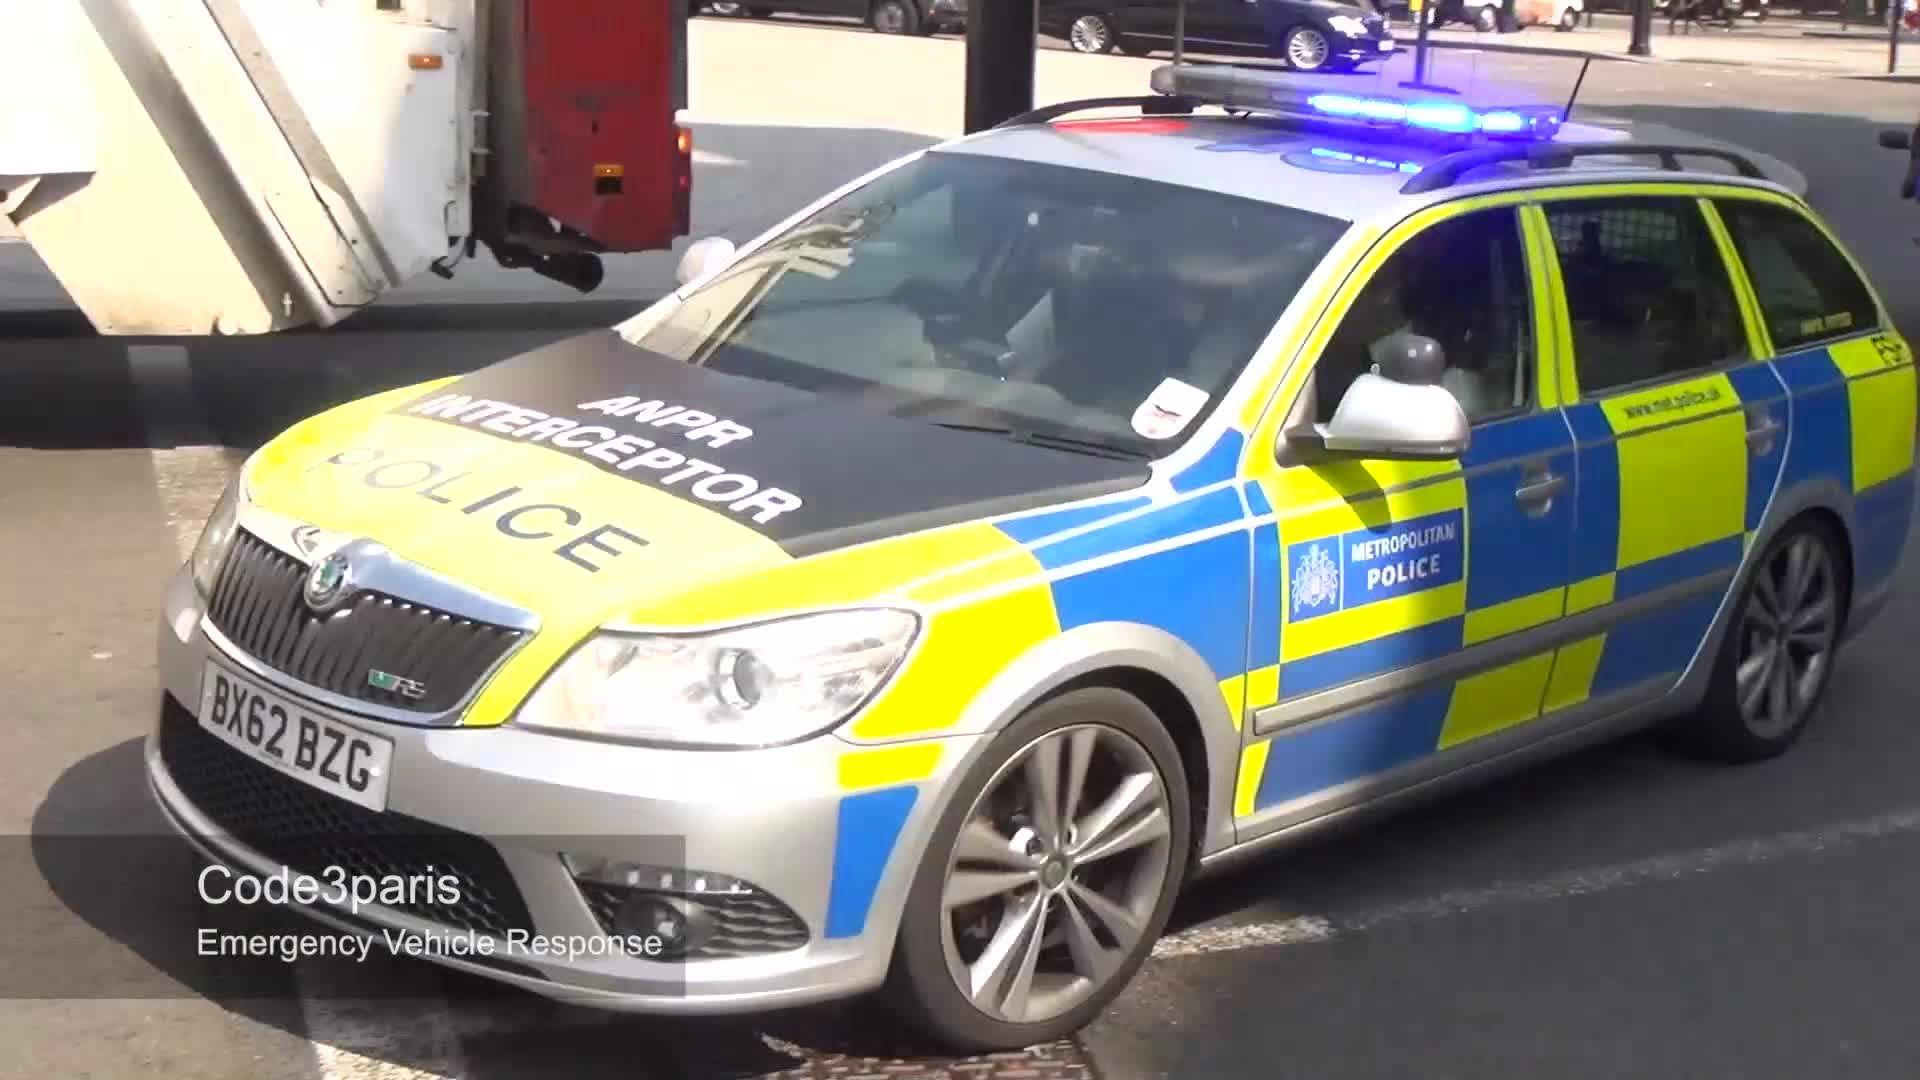 London Police Car Skoda Octavia Vrs Interceptor Police Cars